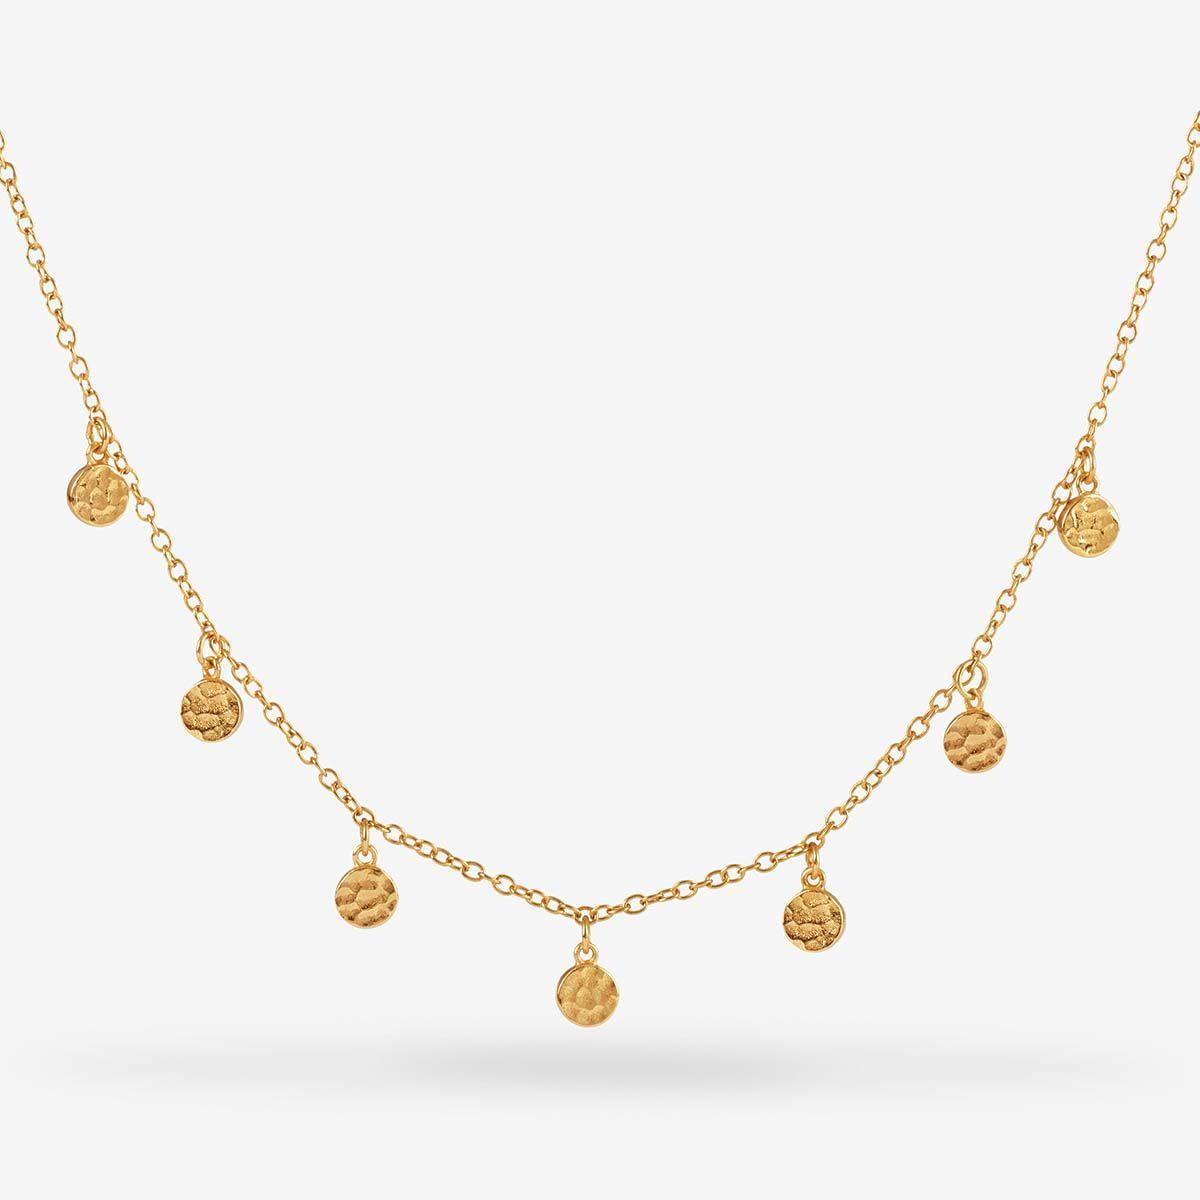 Sienna - Halsketten - 18k vergoldet